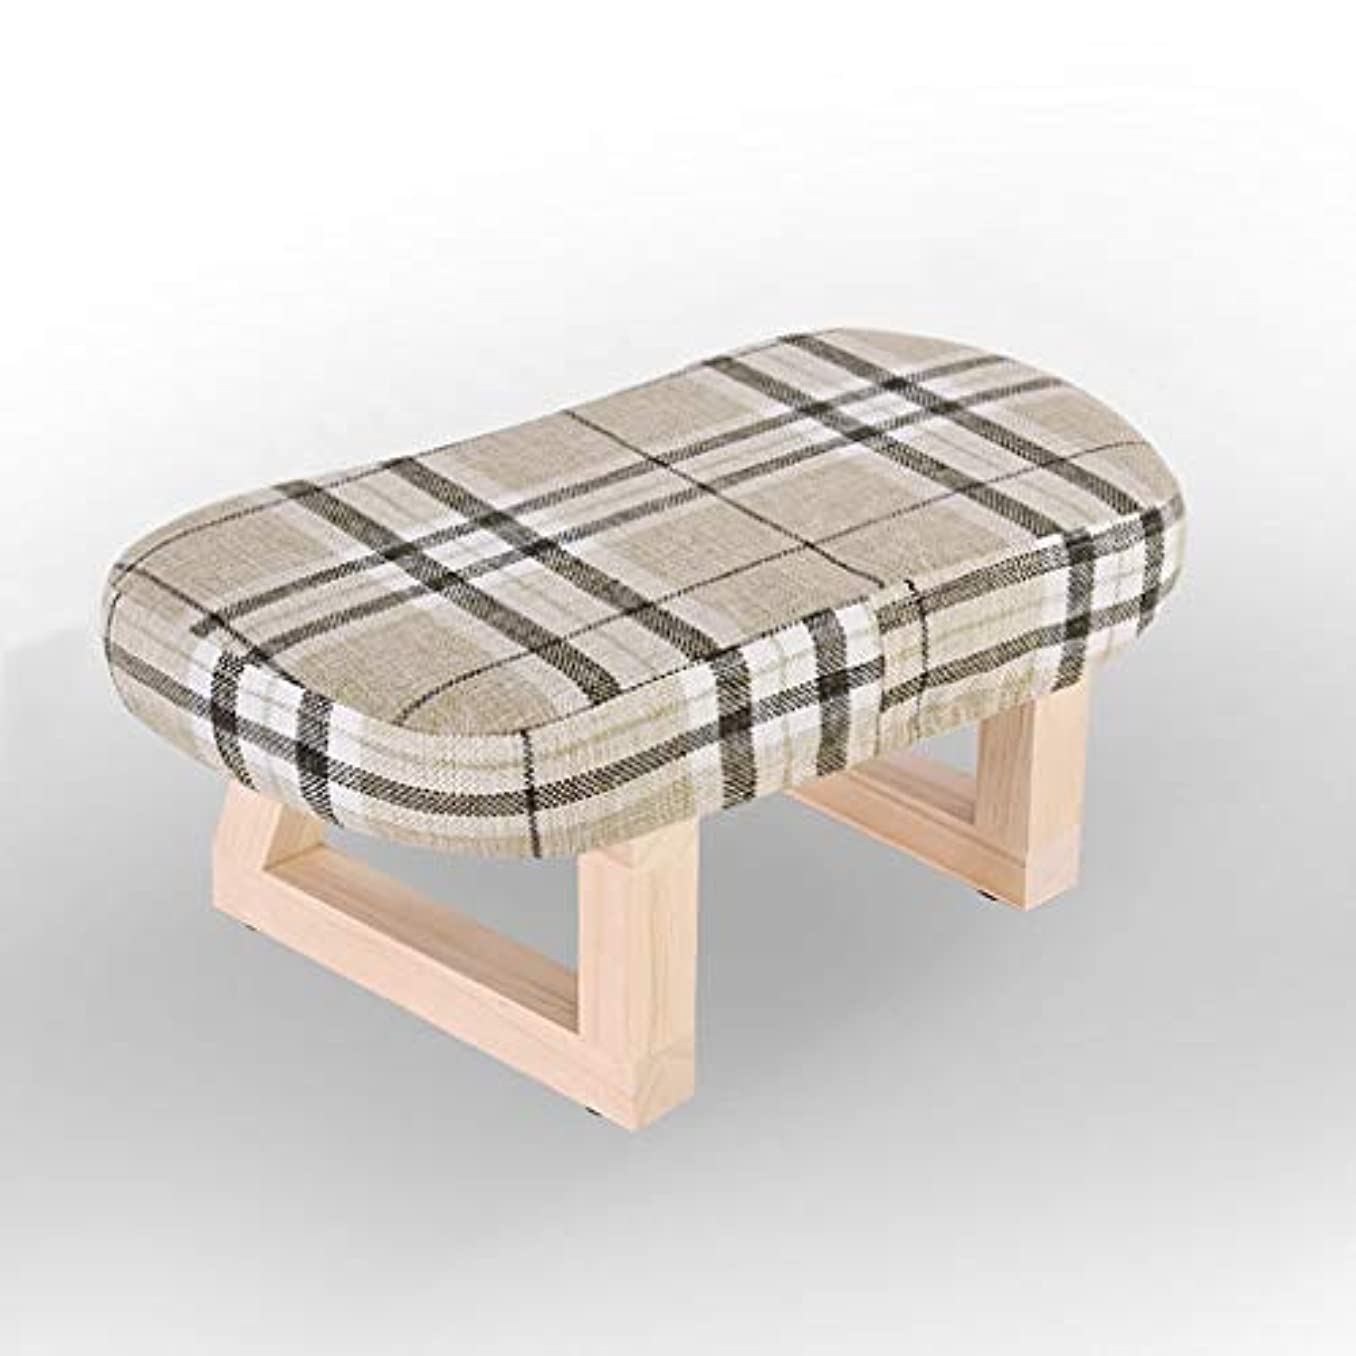 腐った常習的XJLXX リビングルーム木製スツールホームウェアシューズ小さなベンチ寝室の生地ソファスツール ソファースツール (Color : Multi-colored)